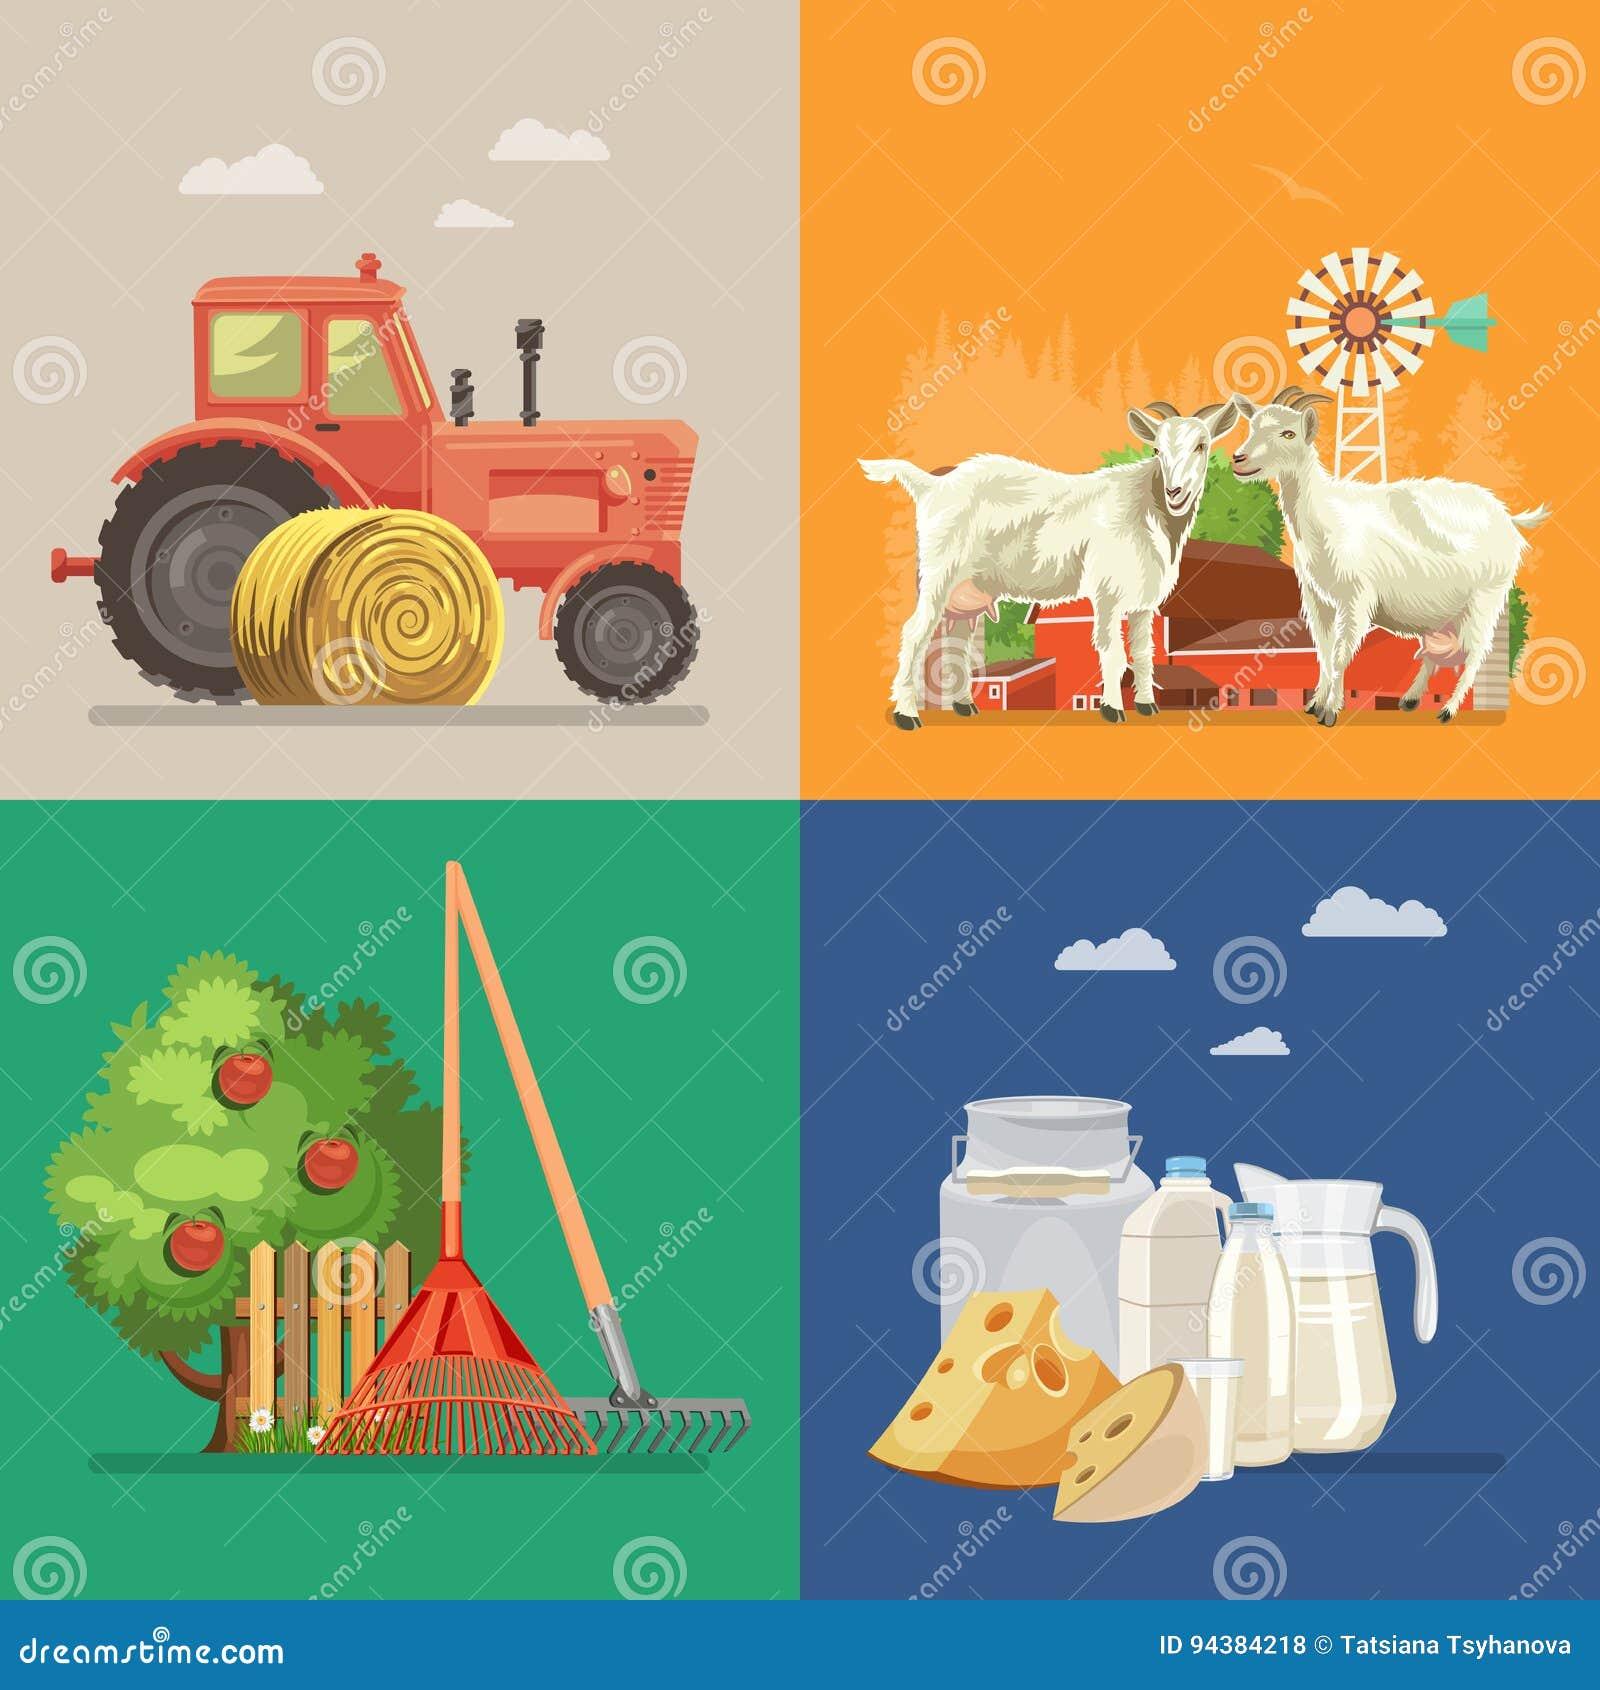 Cultive el paisaje rural con las cabras, lechería, tractor, manzano Línea arte Ejemplo del vector de la agricultura